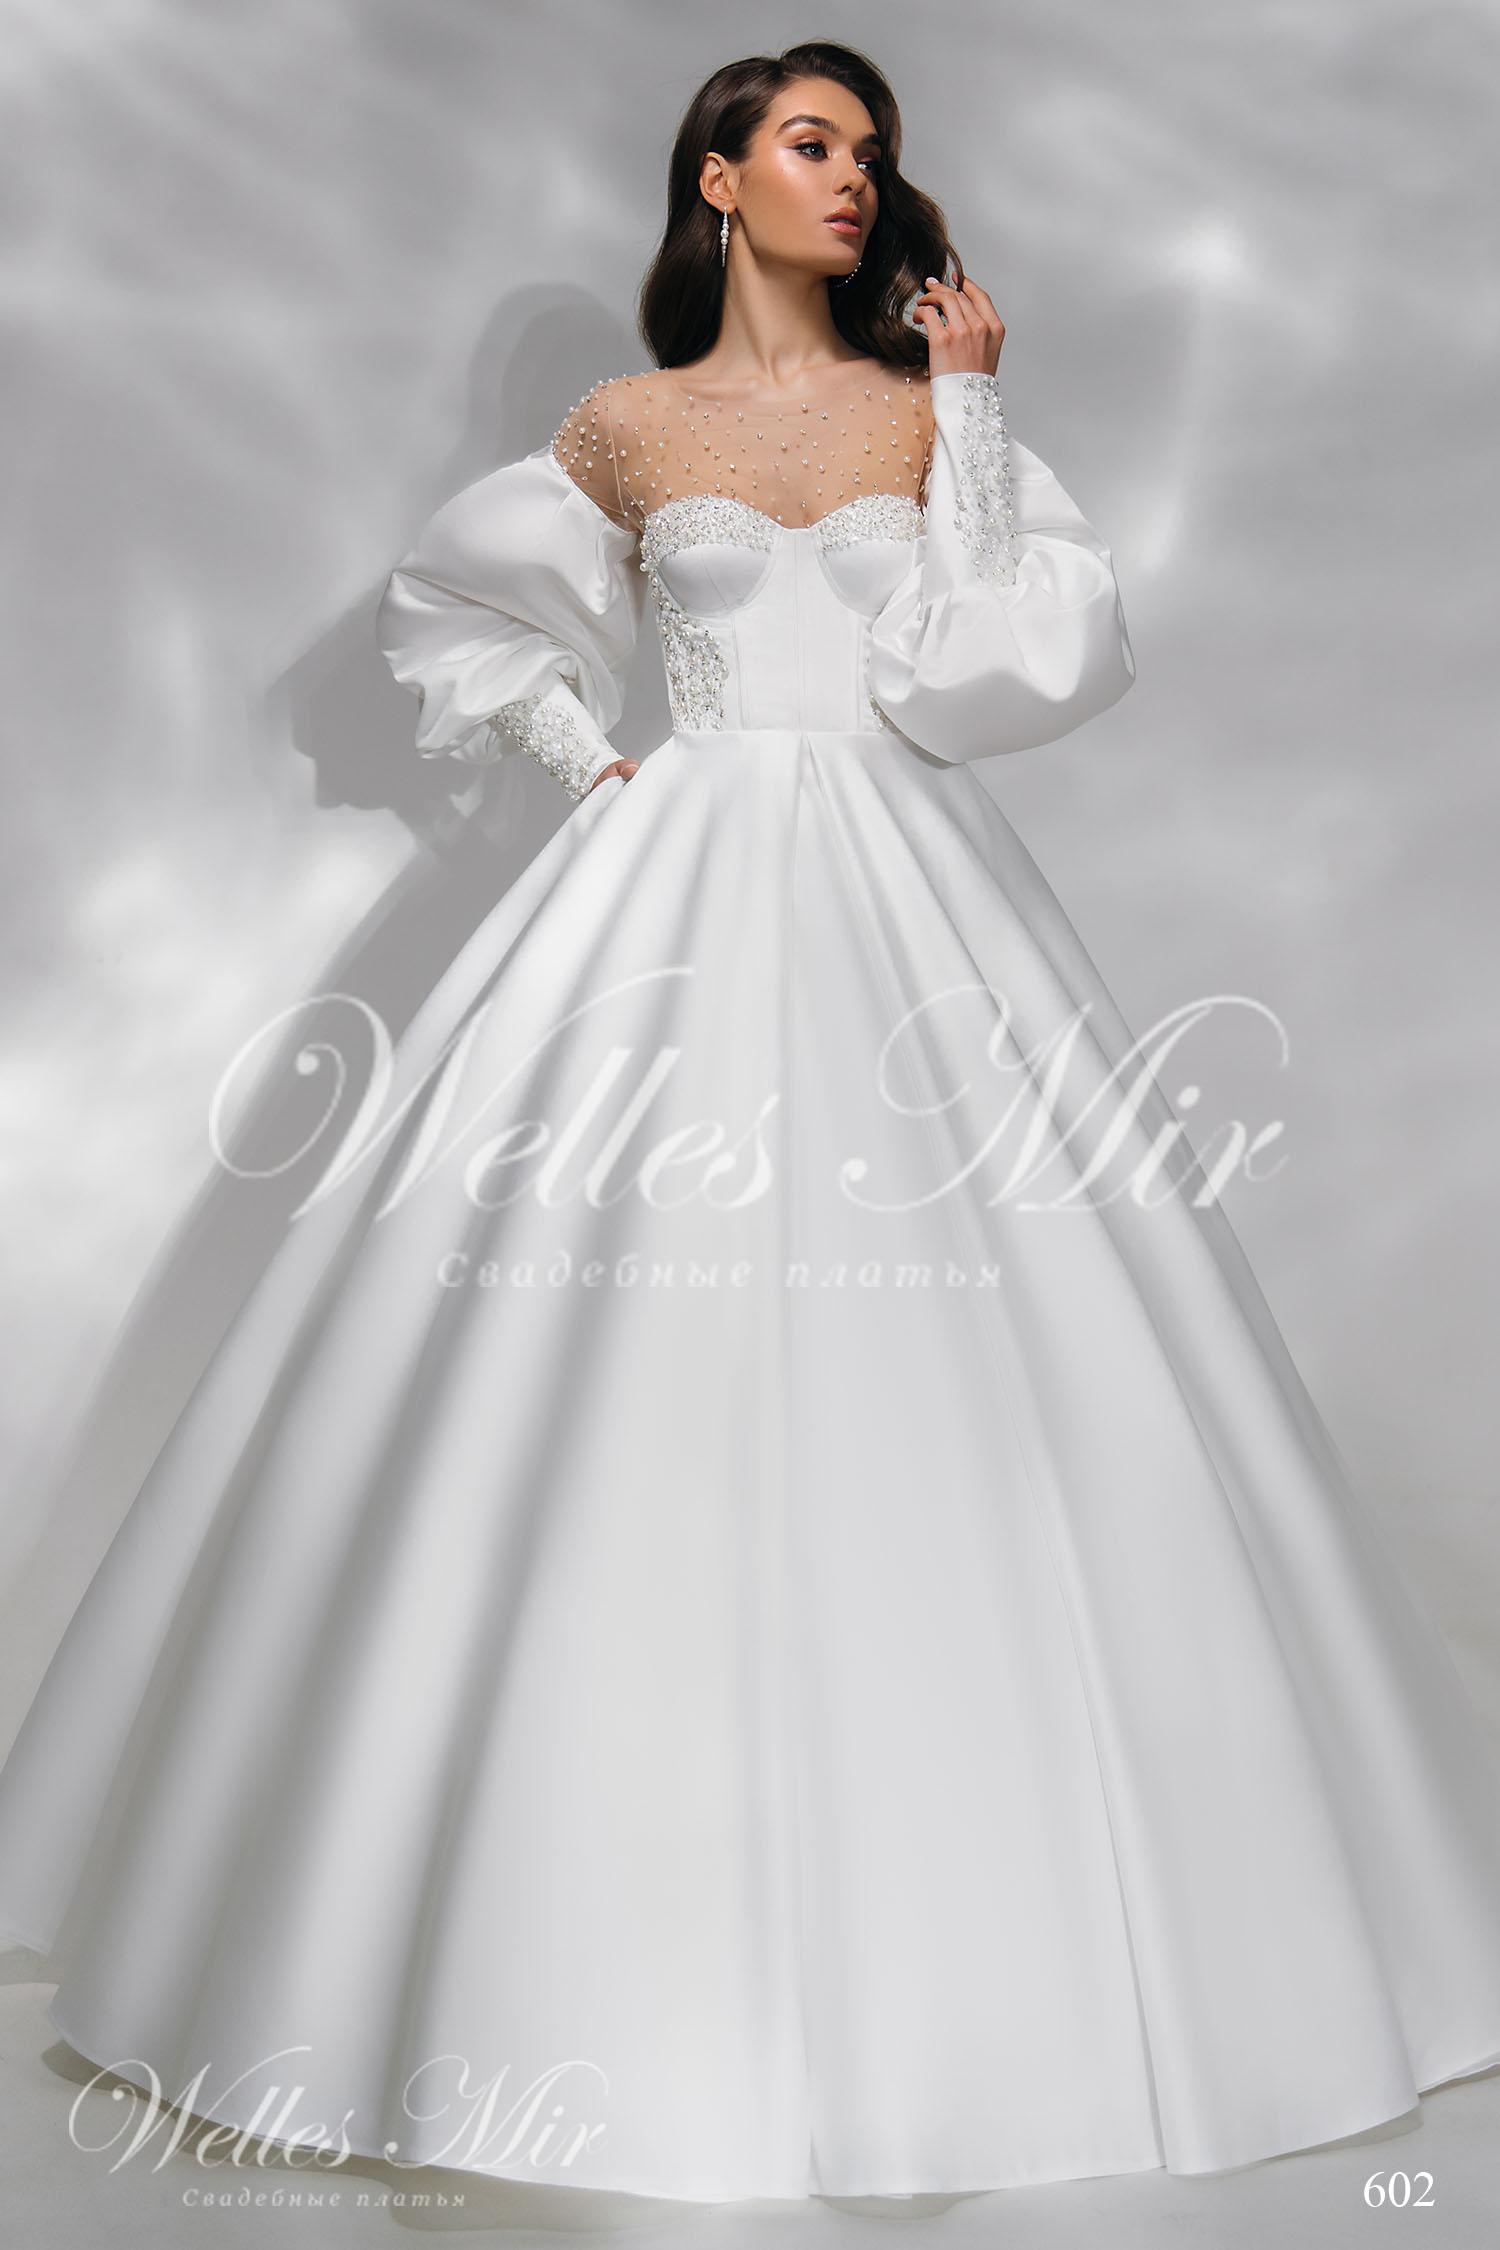 Свадебные платья Nothern Lights - 602